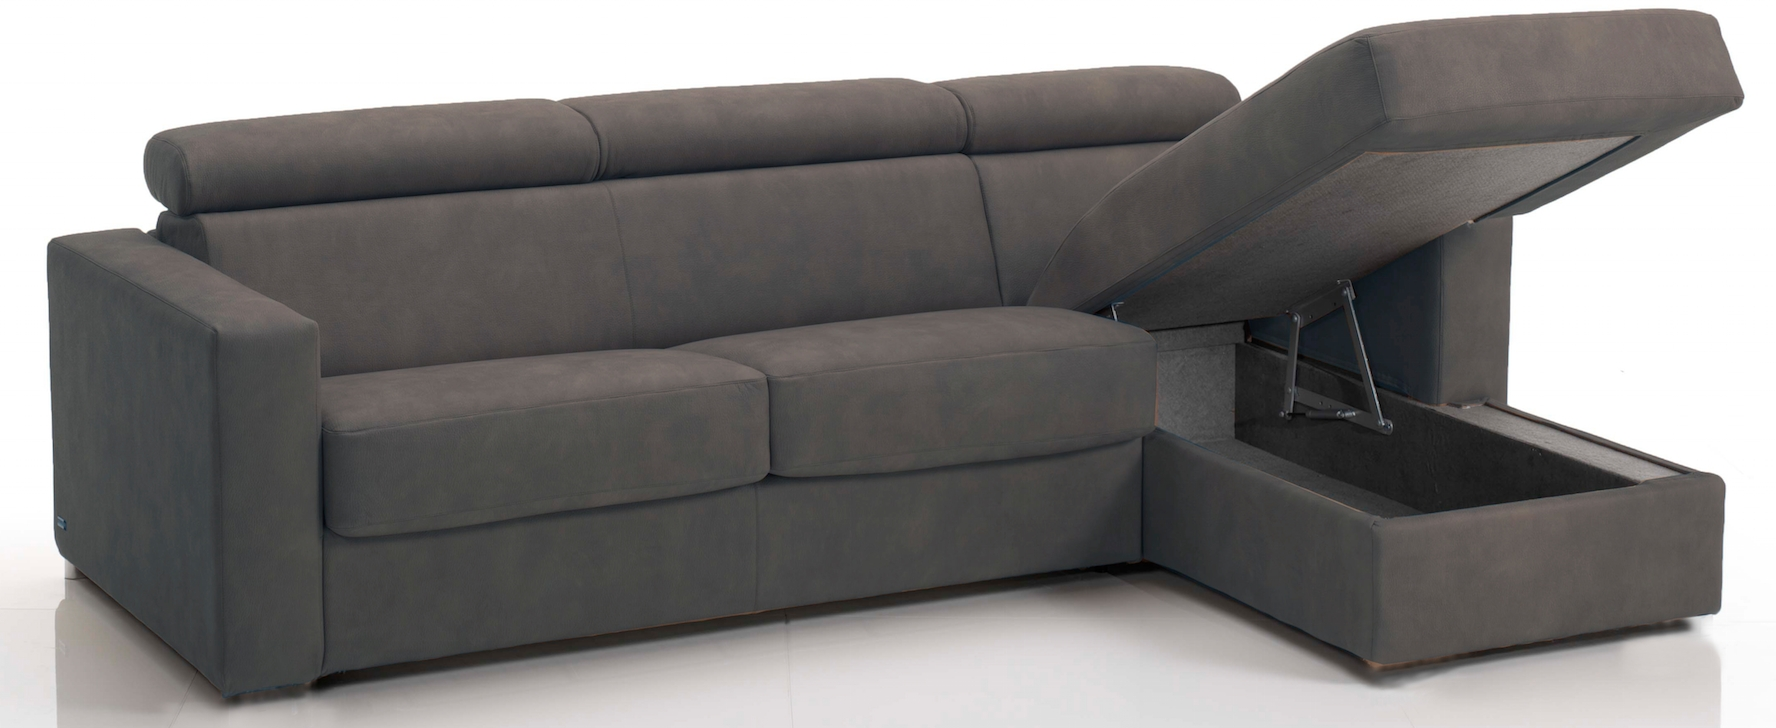 canap dangle convertible avec ttires revtement tissu gris fonc lova modle 3 places maxi lestendancesfr - Canape Angle Convertible Tissu